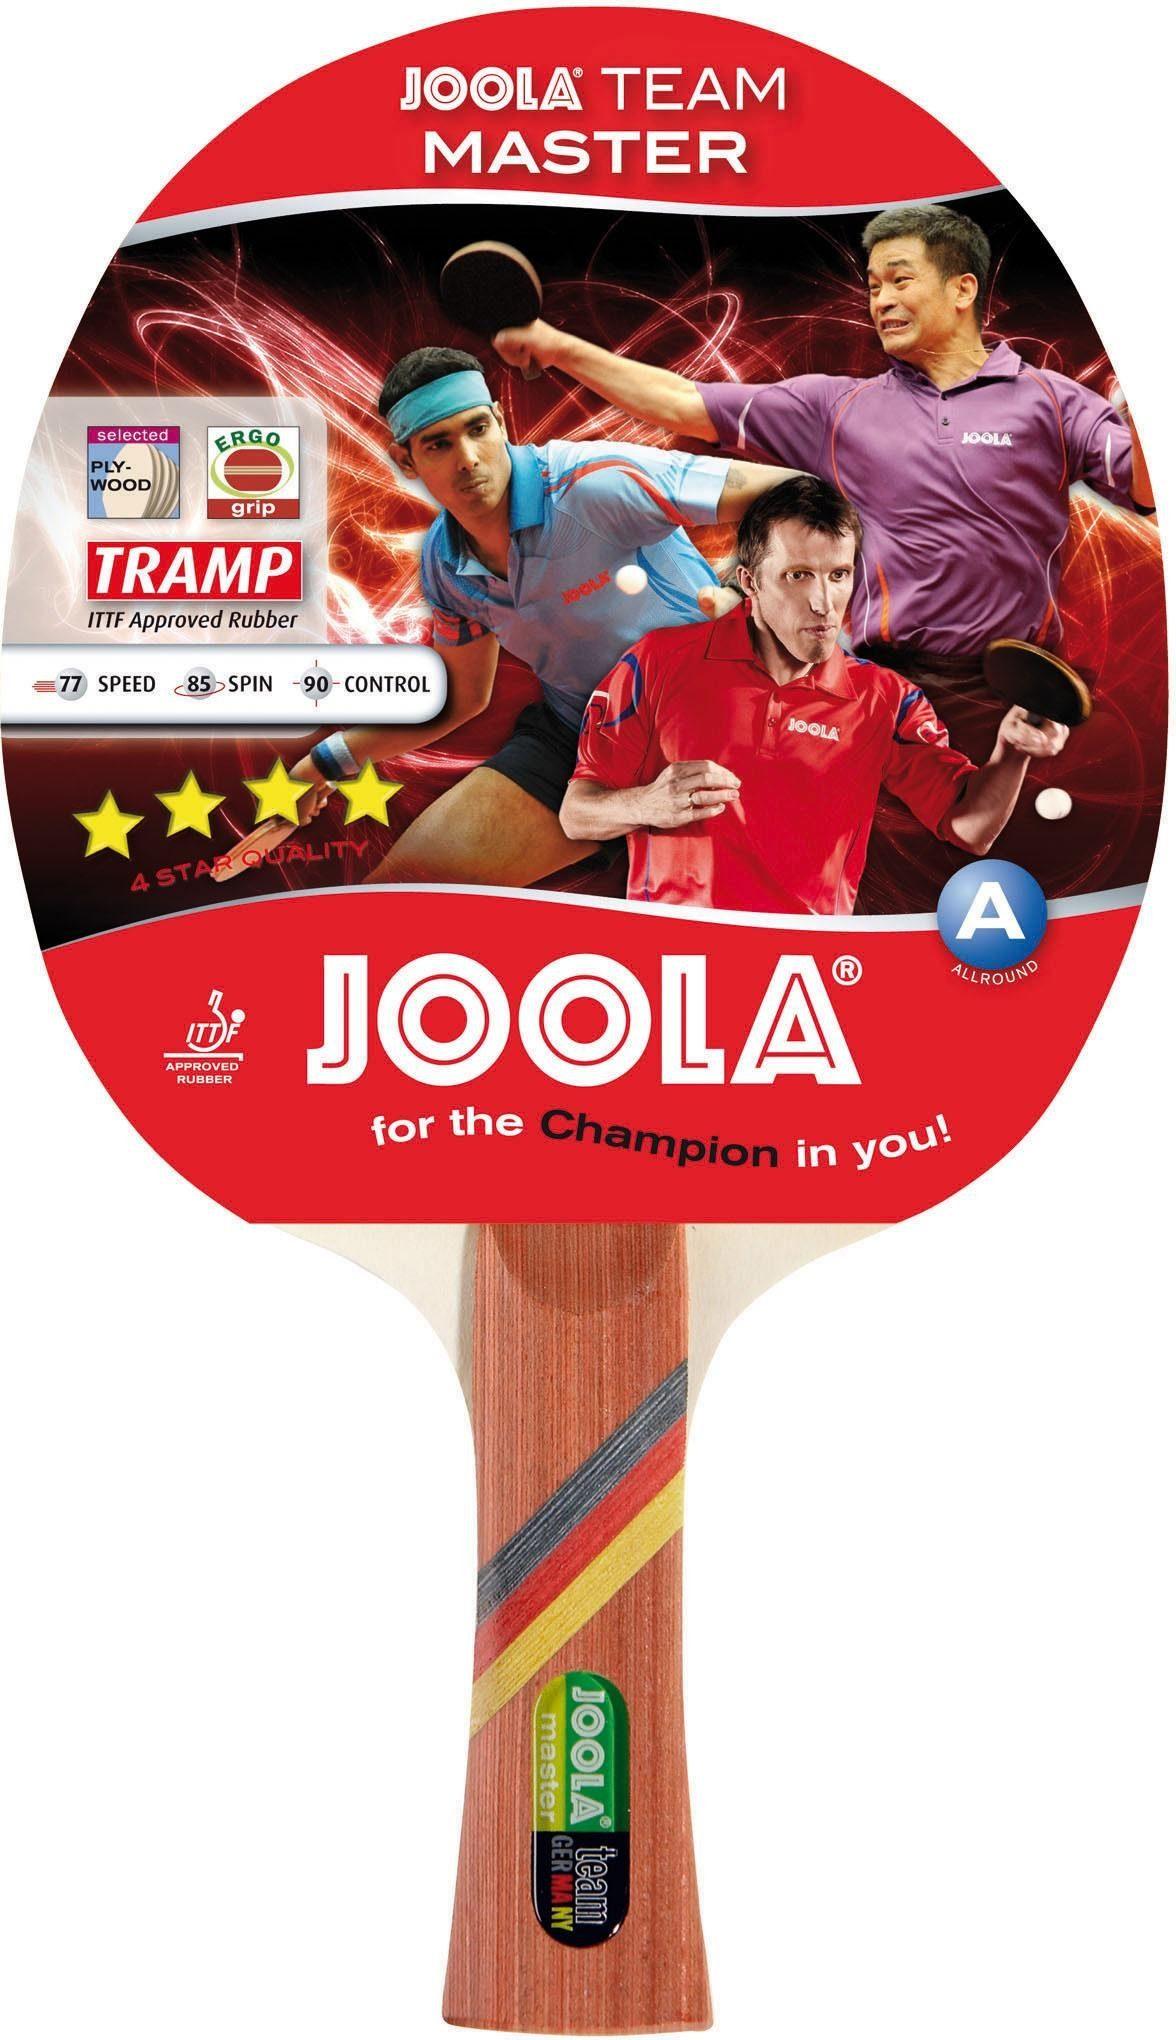 Joola Tischtennisschläger JOOLA Tischtennisschläger Team Master Technik & Freizeit/Sport & Freizeit/Sportarten/Tischtennis/Tischtennis-Ausrüstung